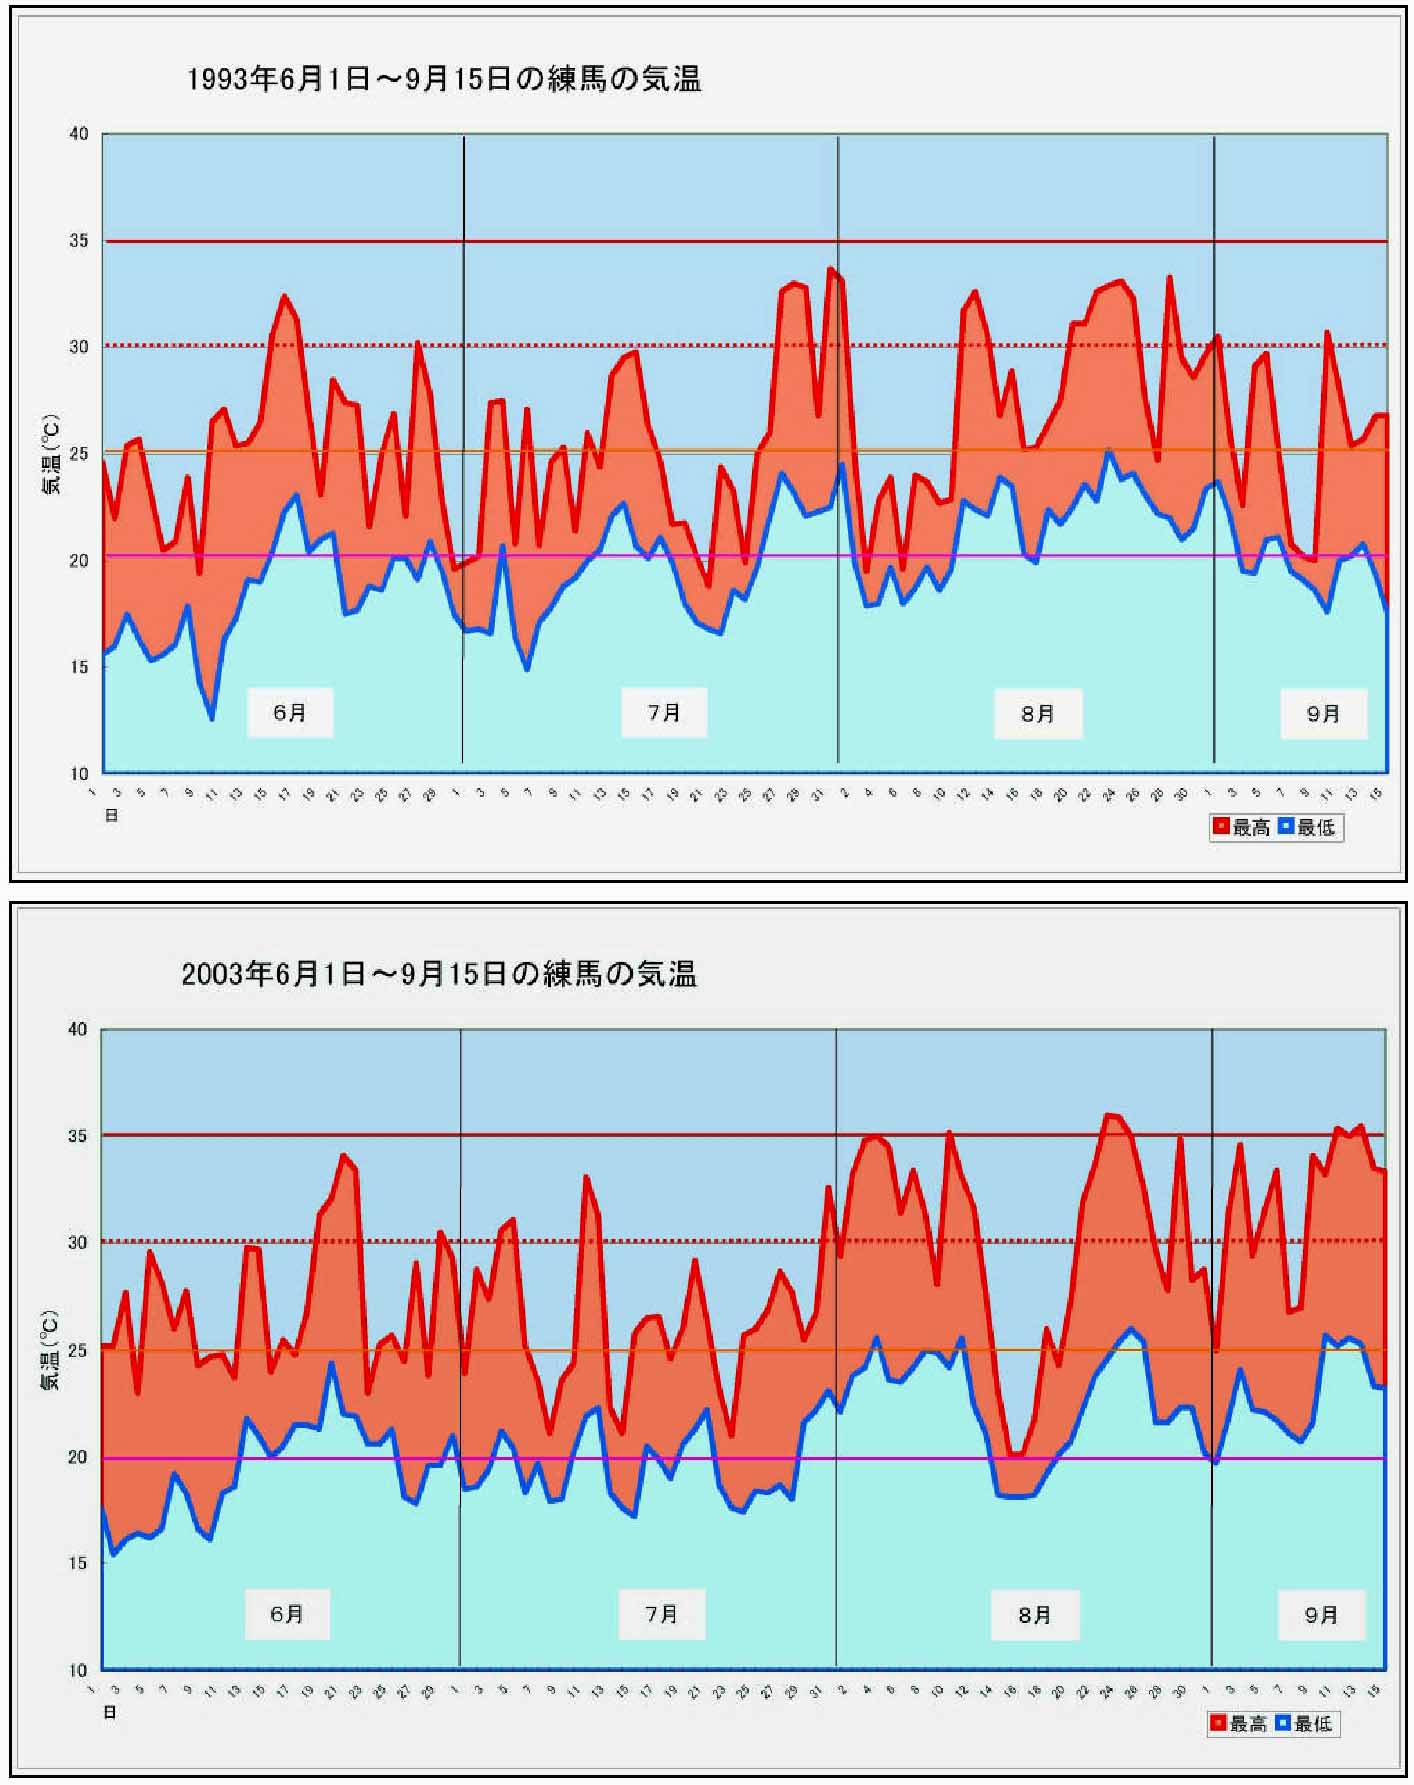 6~9月の気温(練馬)グラフ(冷夏の年)